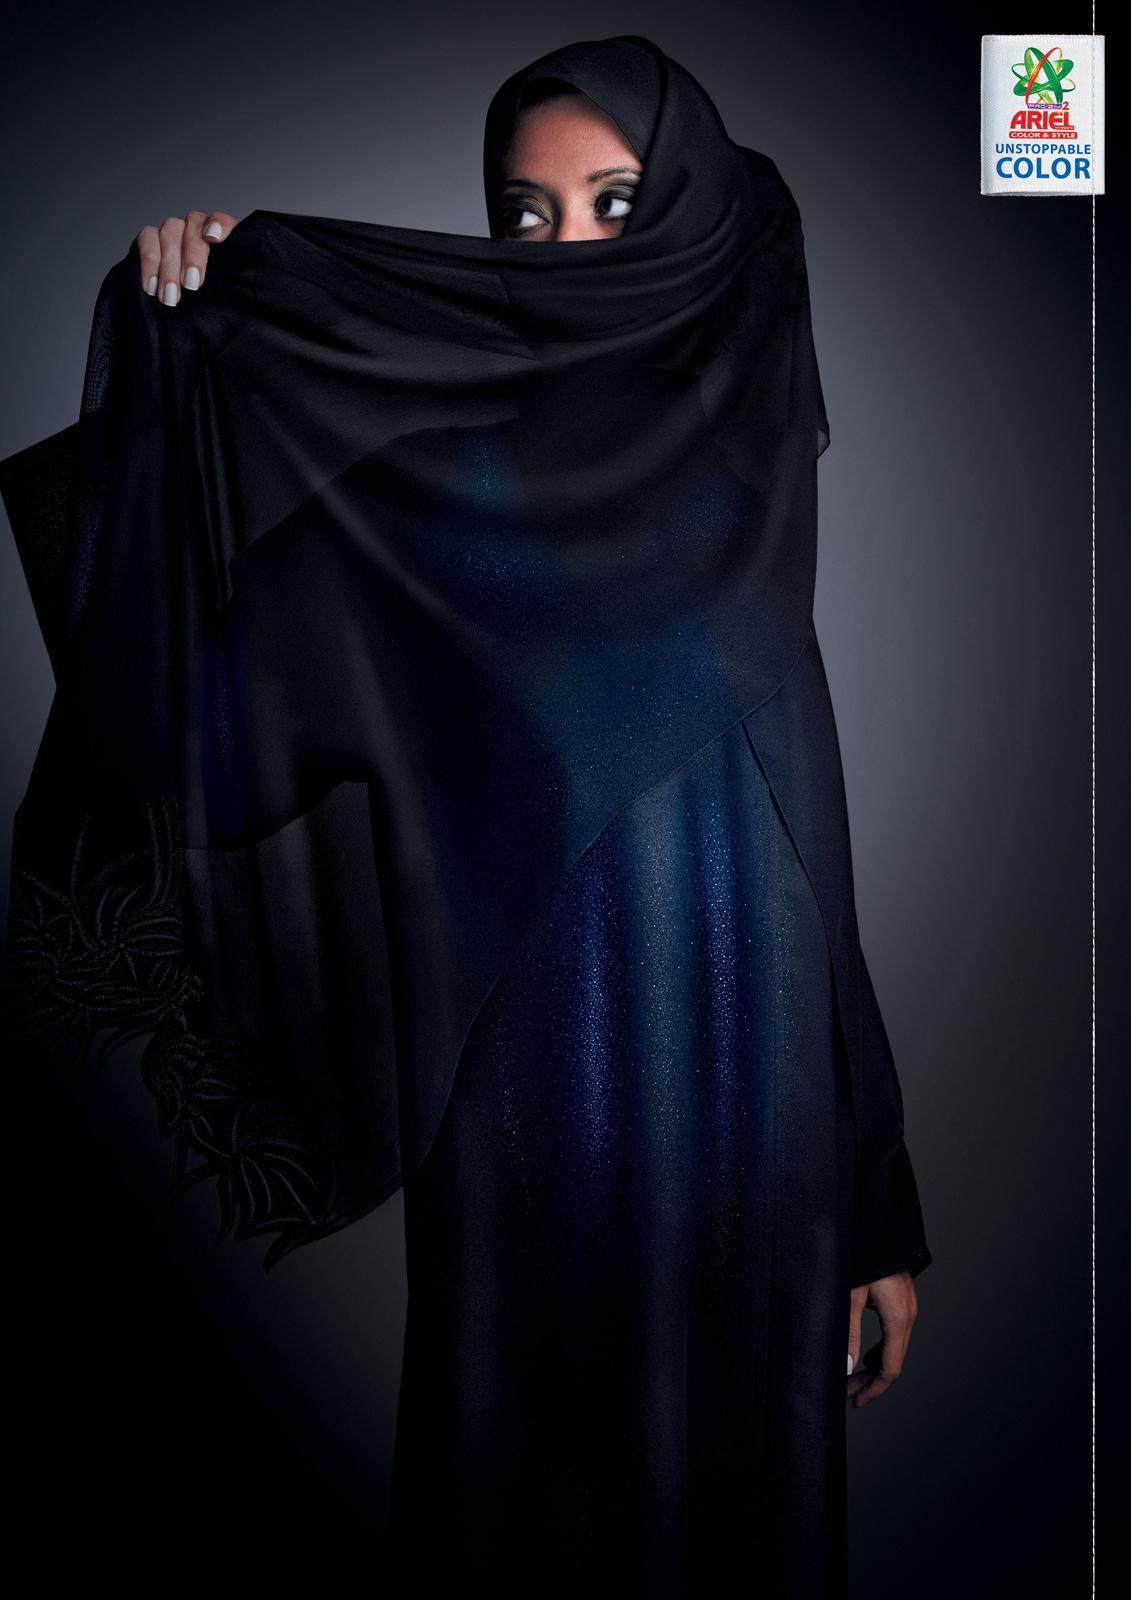 Ariel Print Ad -  Abaya Blue